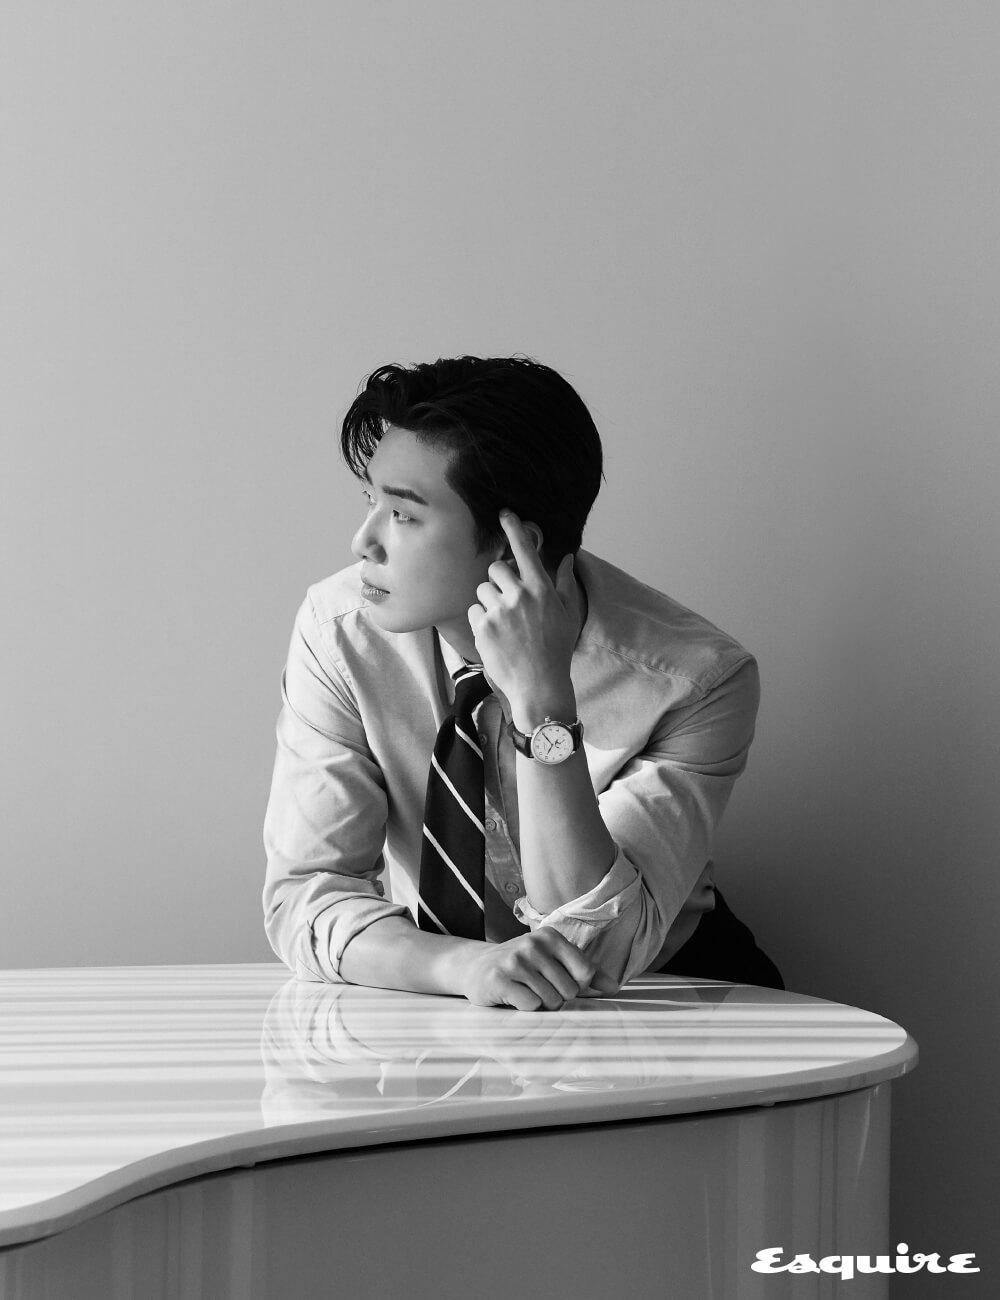 6시 방향 문페이즈 창과 날짜 디스플레이를 적용한 '스타 레거시 문페이즈' 528만원 몽블랑. 셔츠 오리앙 by 샌프란시스코 마켓. 바지 TBRM by 샌프란시스코 마켓. 타이 스타일리스트 소장품.